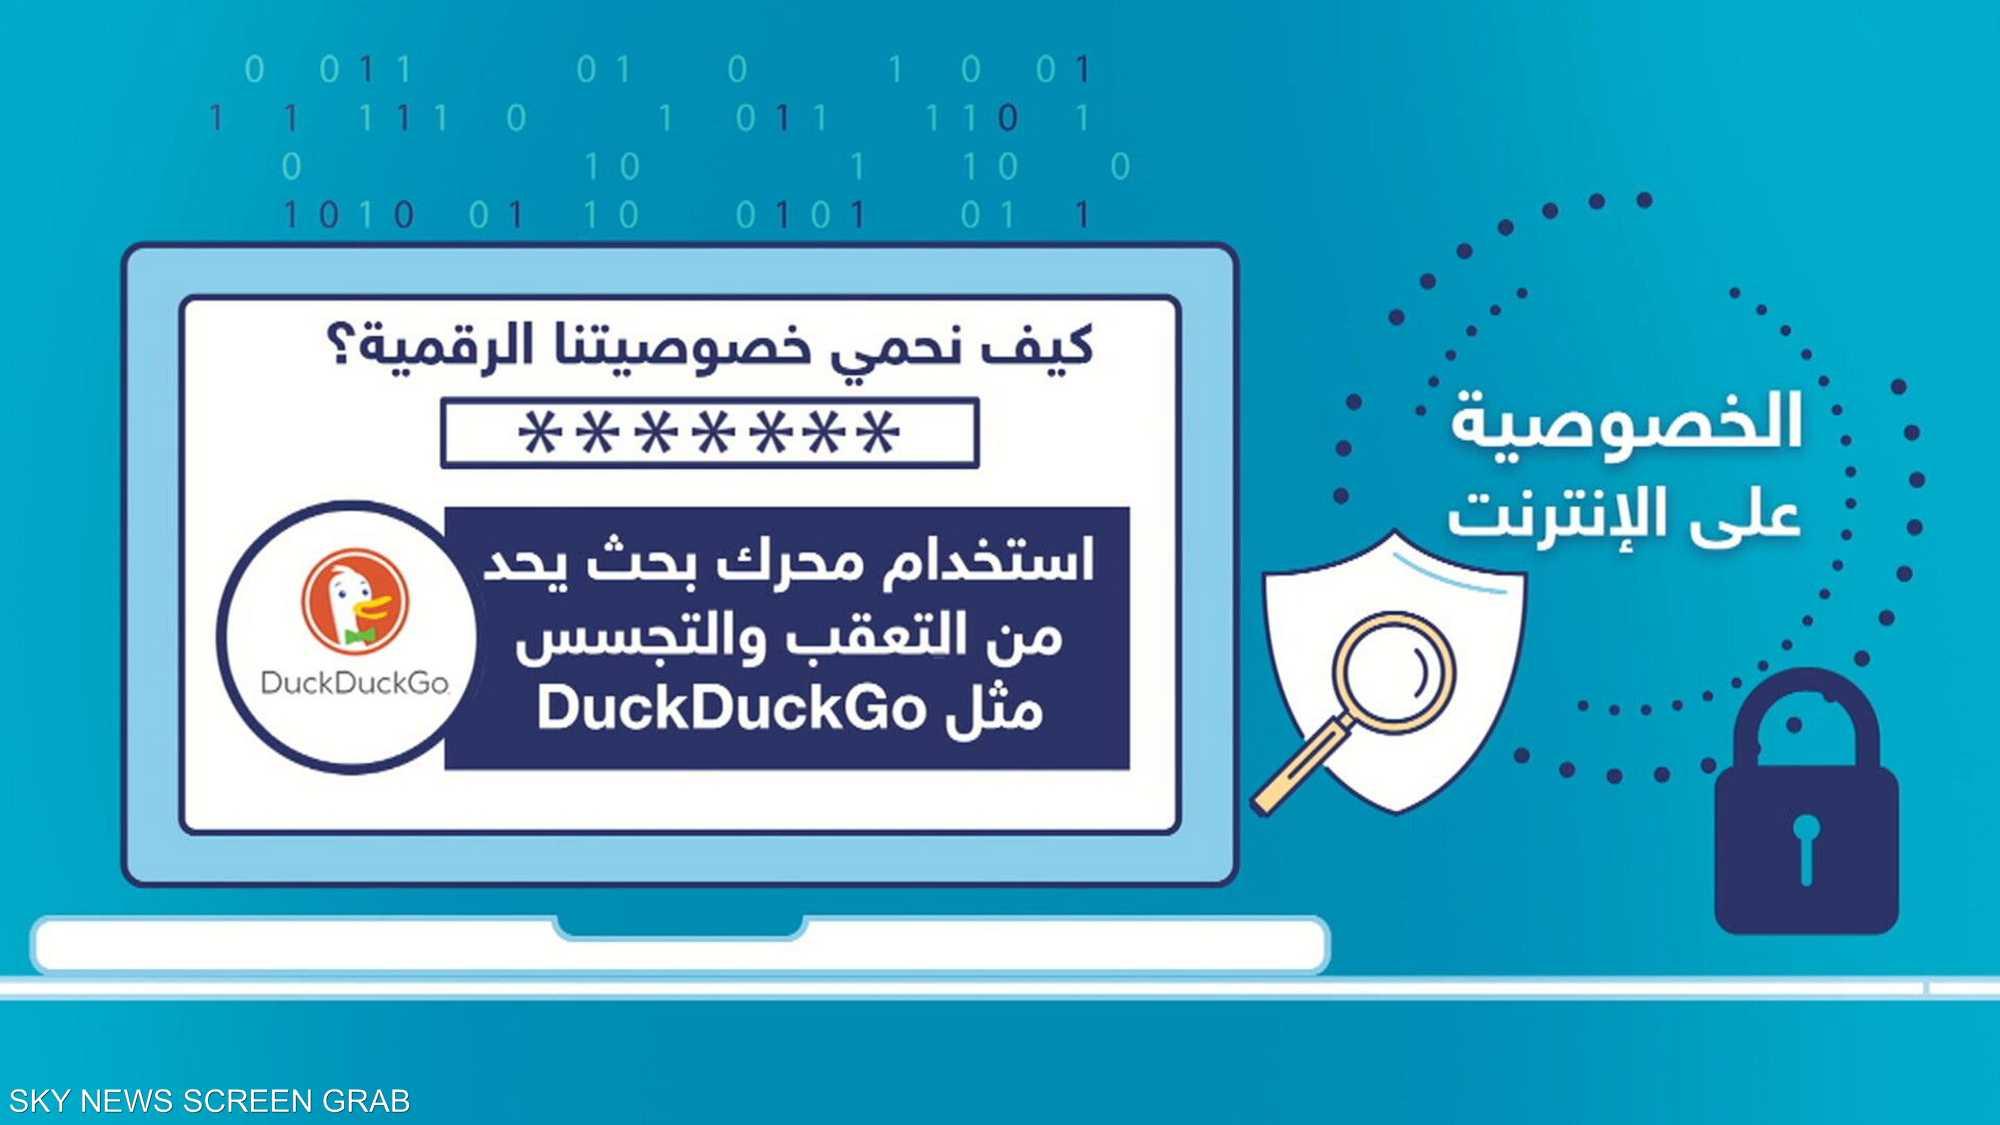 حماية البيانات الشخصية بخطوات بسيطة